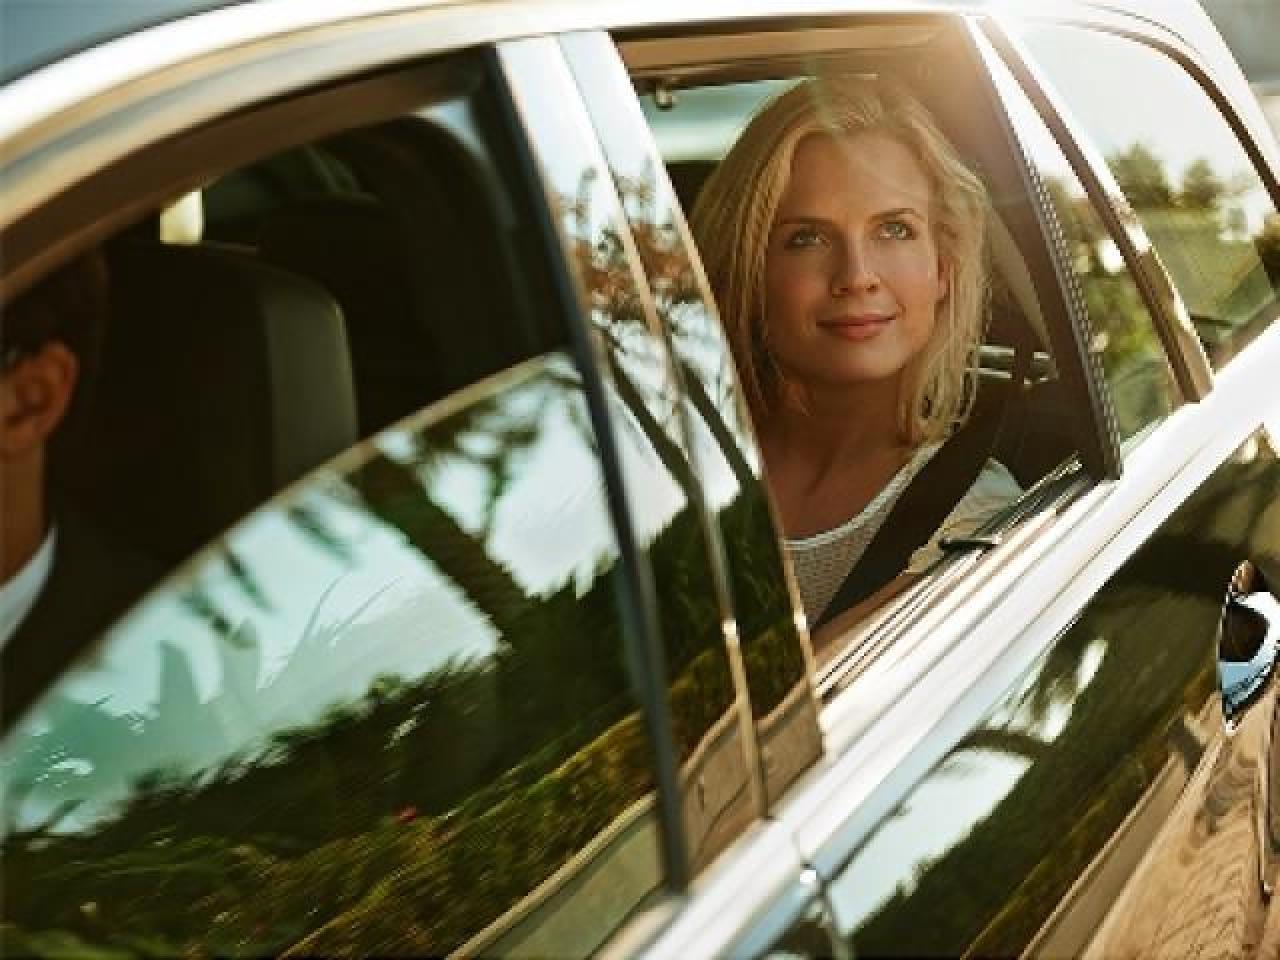 Персональный водитель с автомобилем для деловых людей в ЮАР. Трансферы в ЮАР. - 4